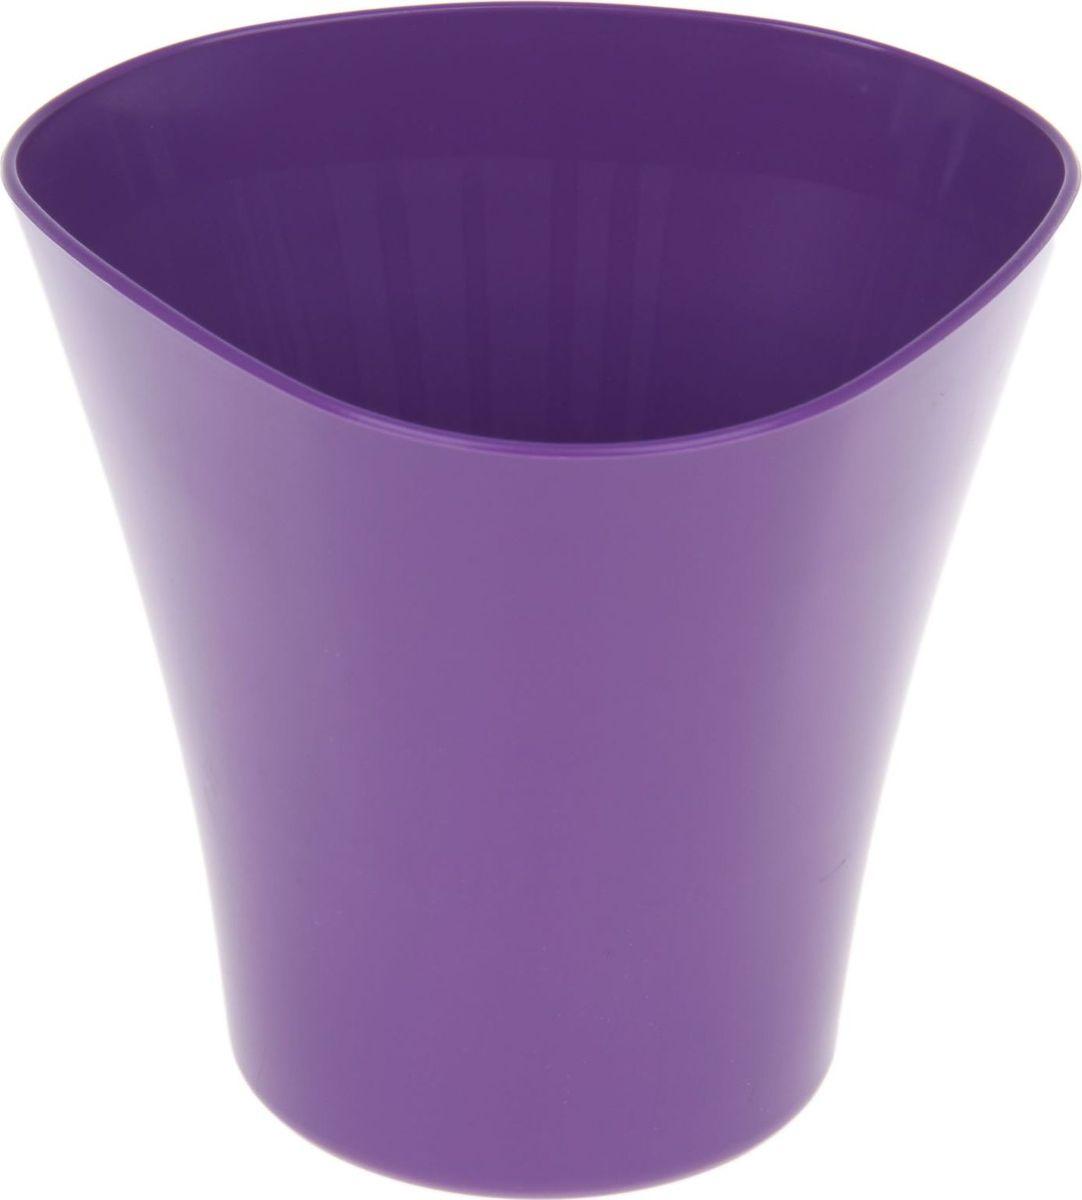 Кашпо JetPlast Волна, цвет: фиолетовый, 1,5 л4612754051298Кашпо Волна имеет уникальную форму, сочетающуюся как с классическим, так и с современным дизайном интерьера. Оно изготовлено из прочного полипропилена (пластика) и предназначено для выращивания растений, цветов и трав в домашних условиях. Такое кашпо порадует вас функциональностью, а благодаря лаконичному дизайну впишется в любой интерьер помещения. Объем кашпо: 1,5 л.